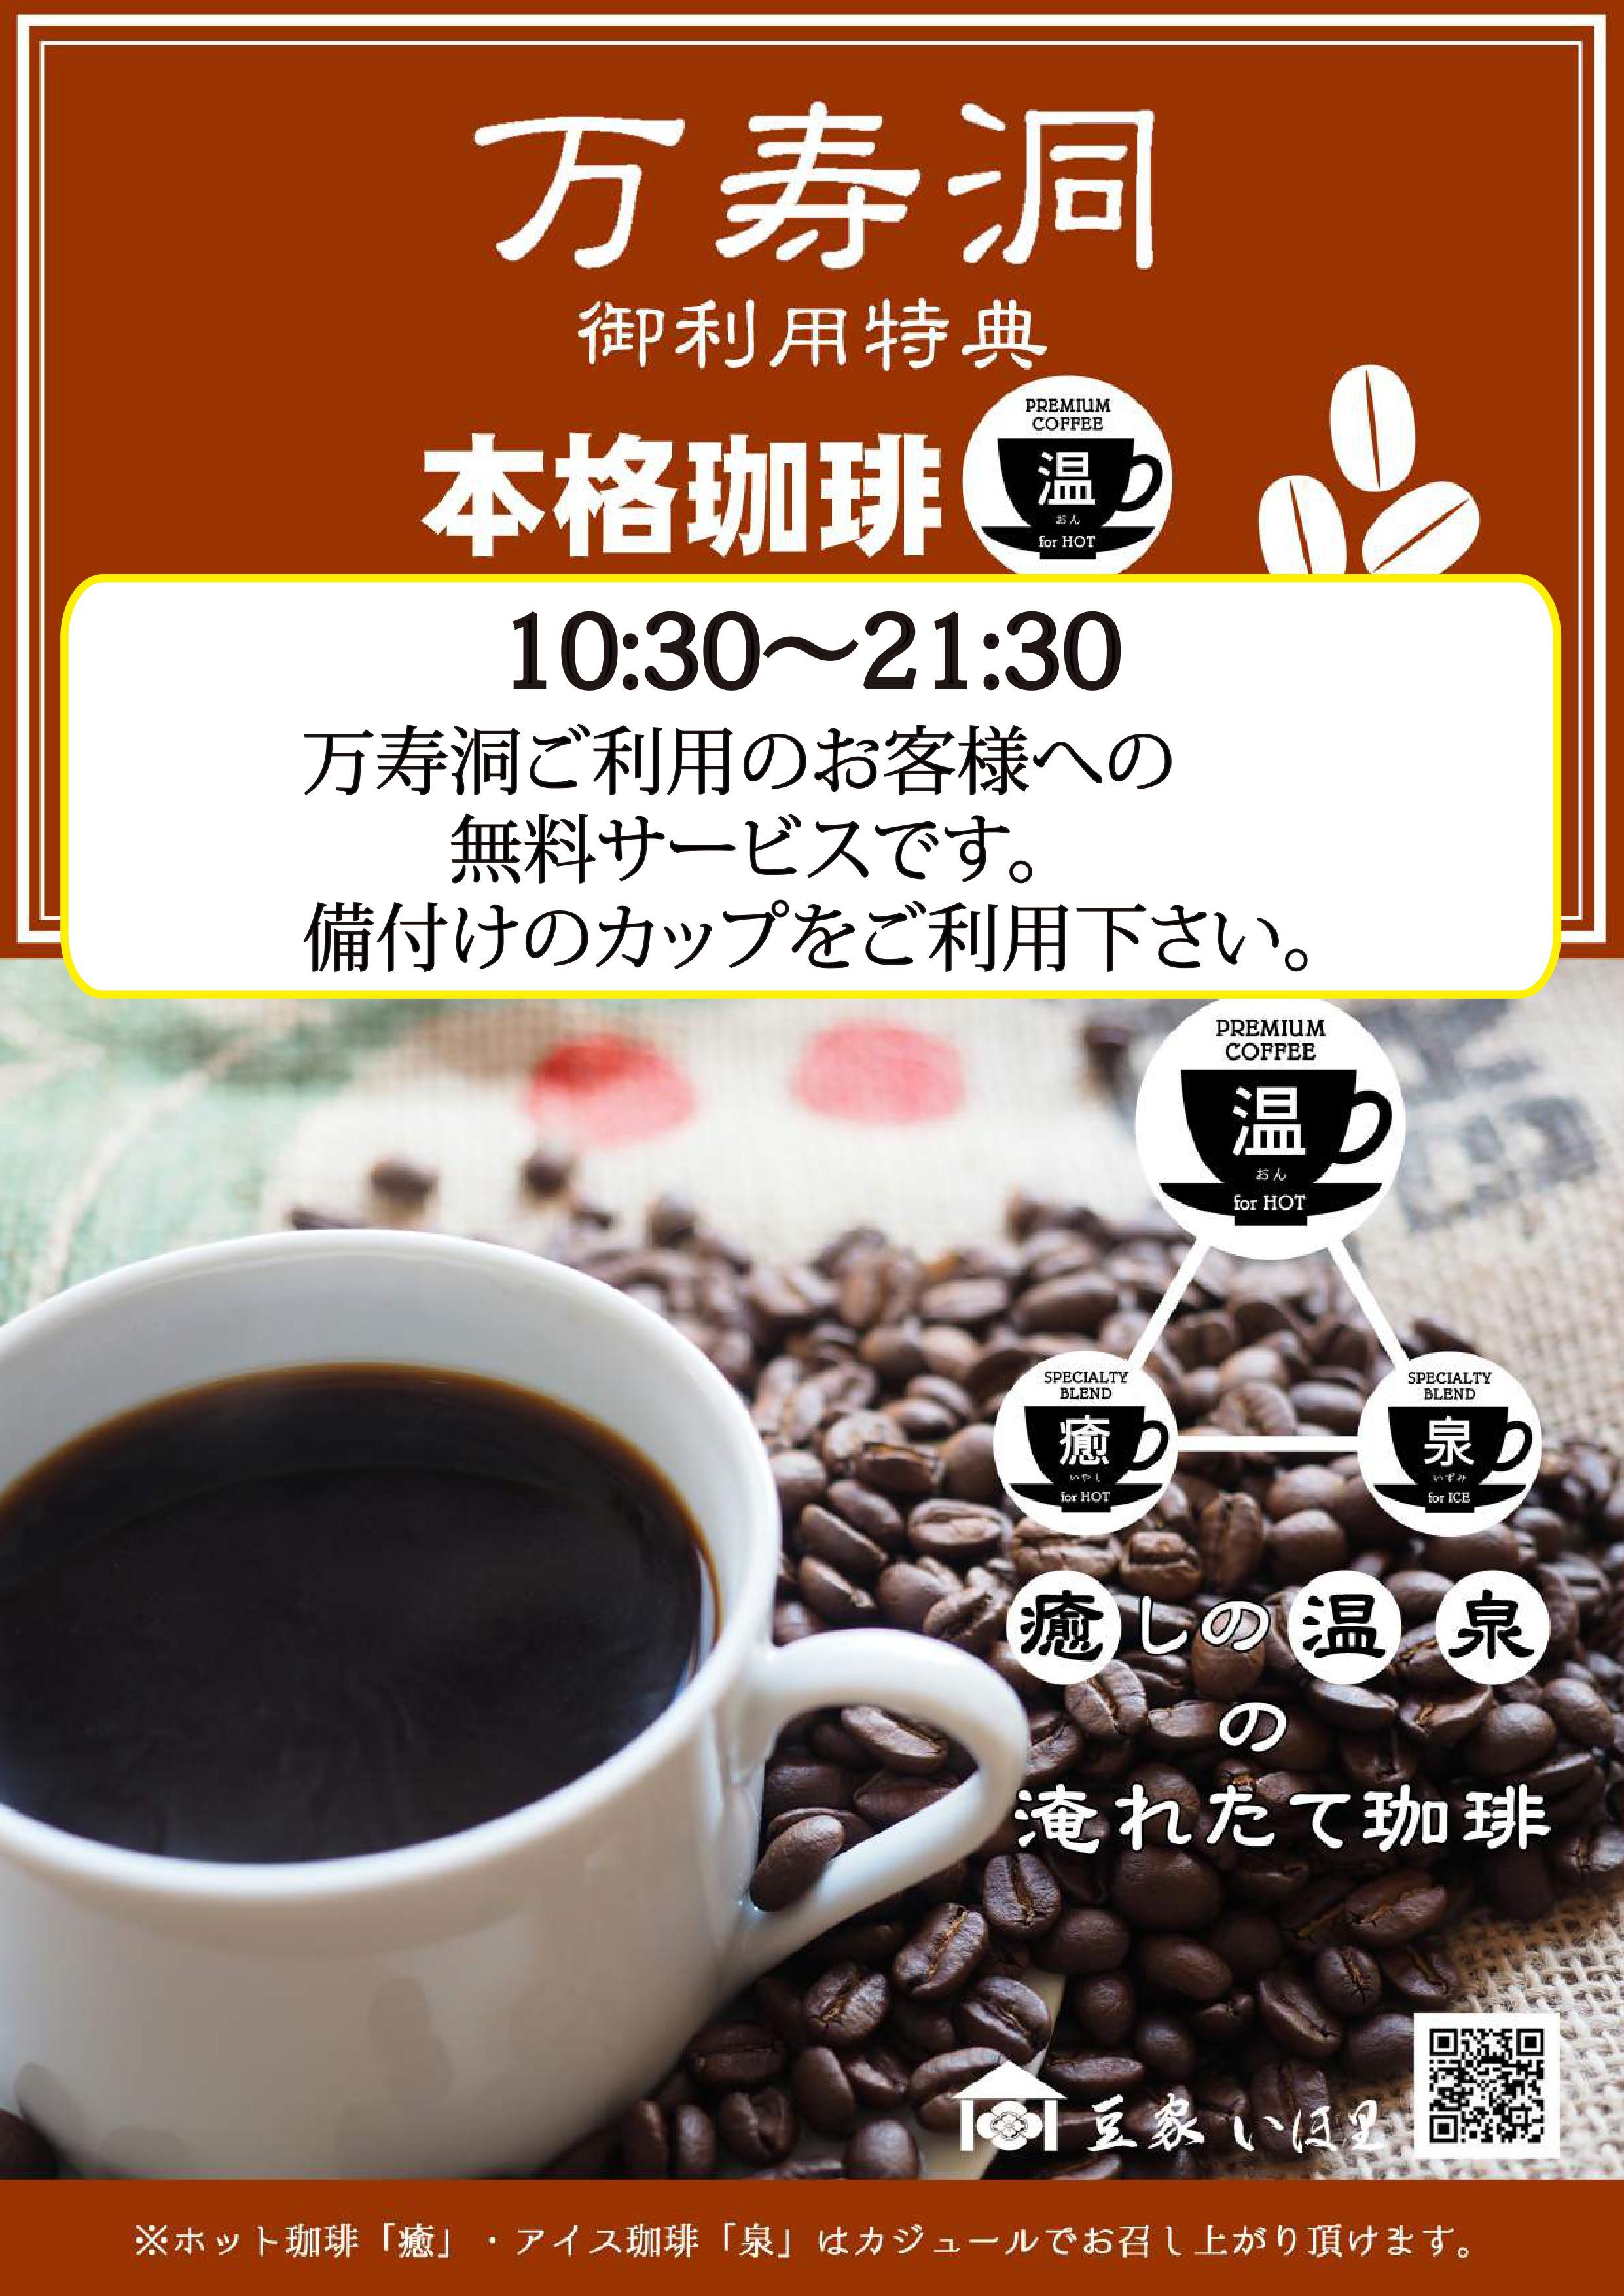 万寿洞無料コーヒーサービス